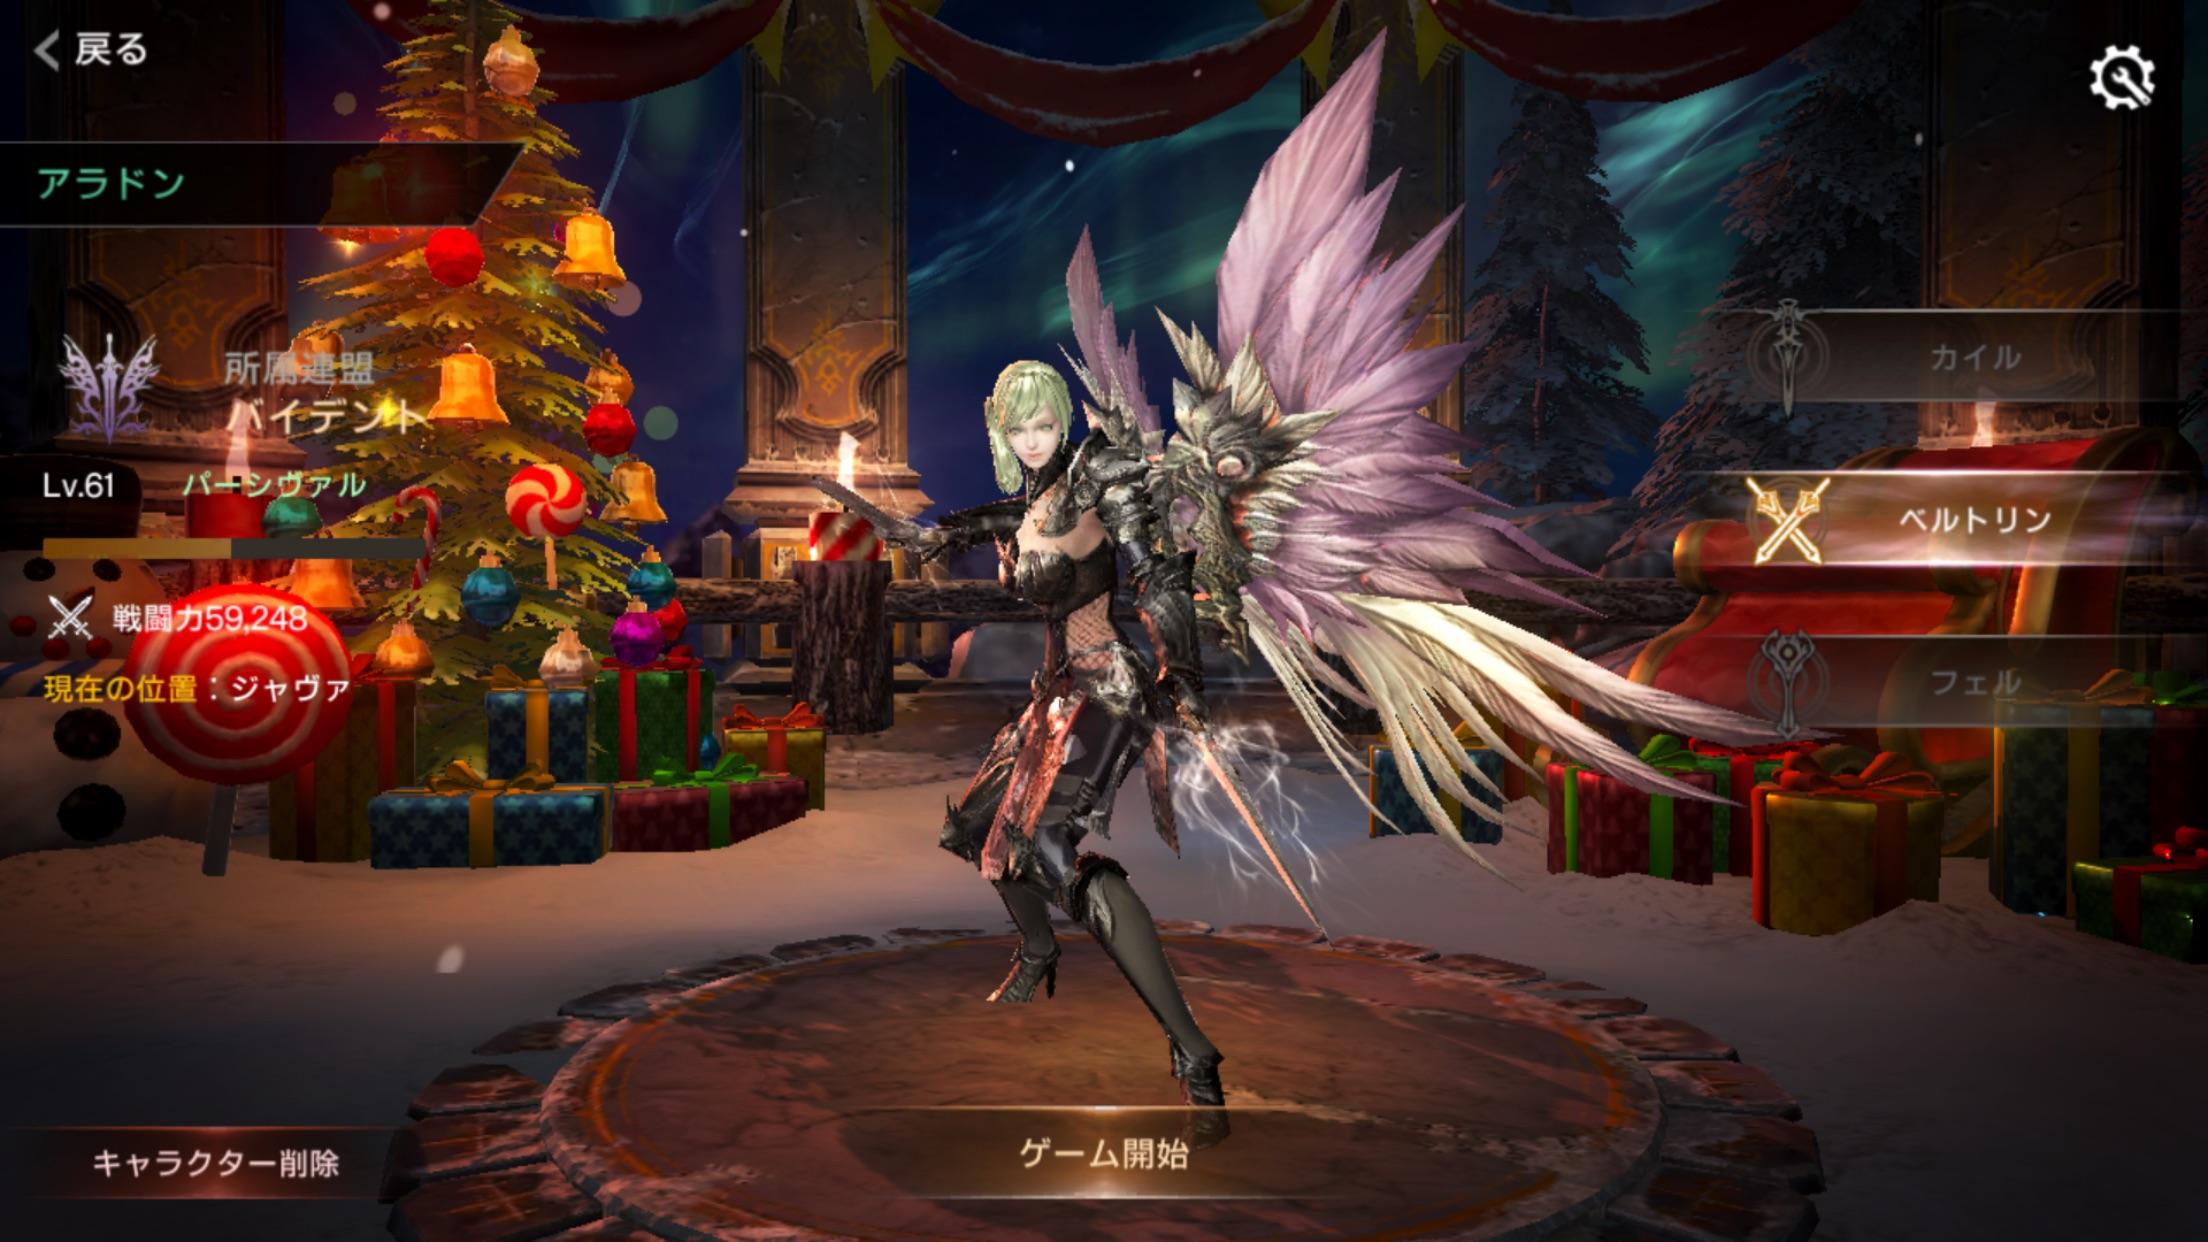 キャラクター選択からクリスマス仕様